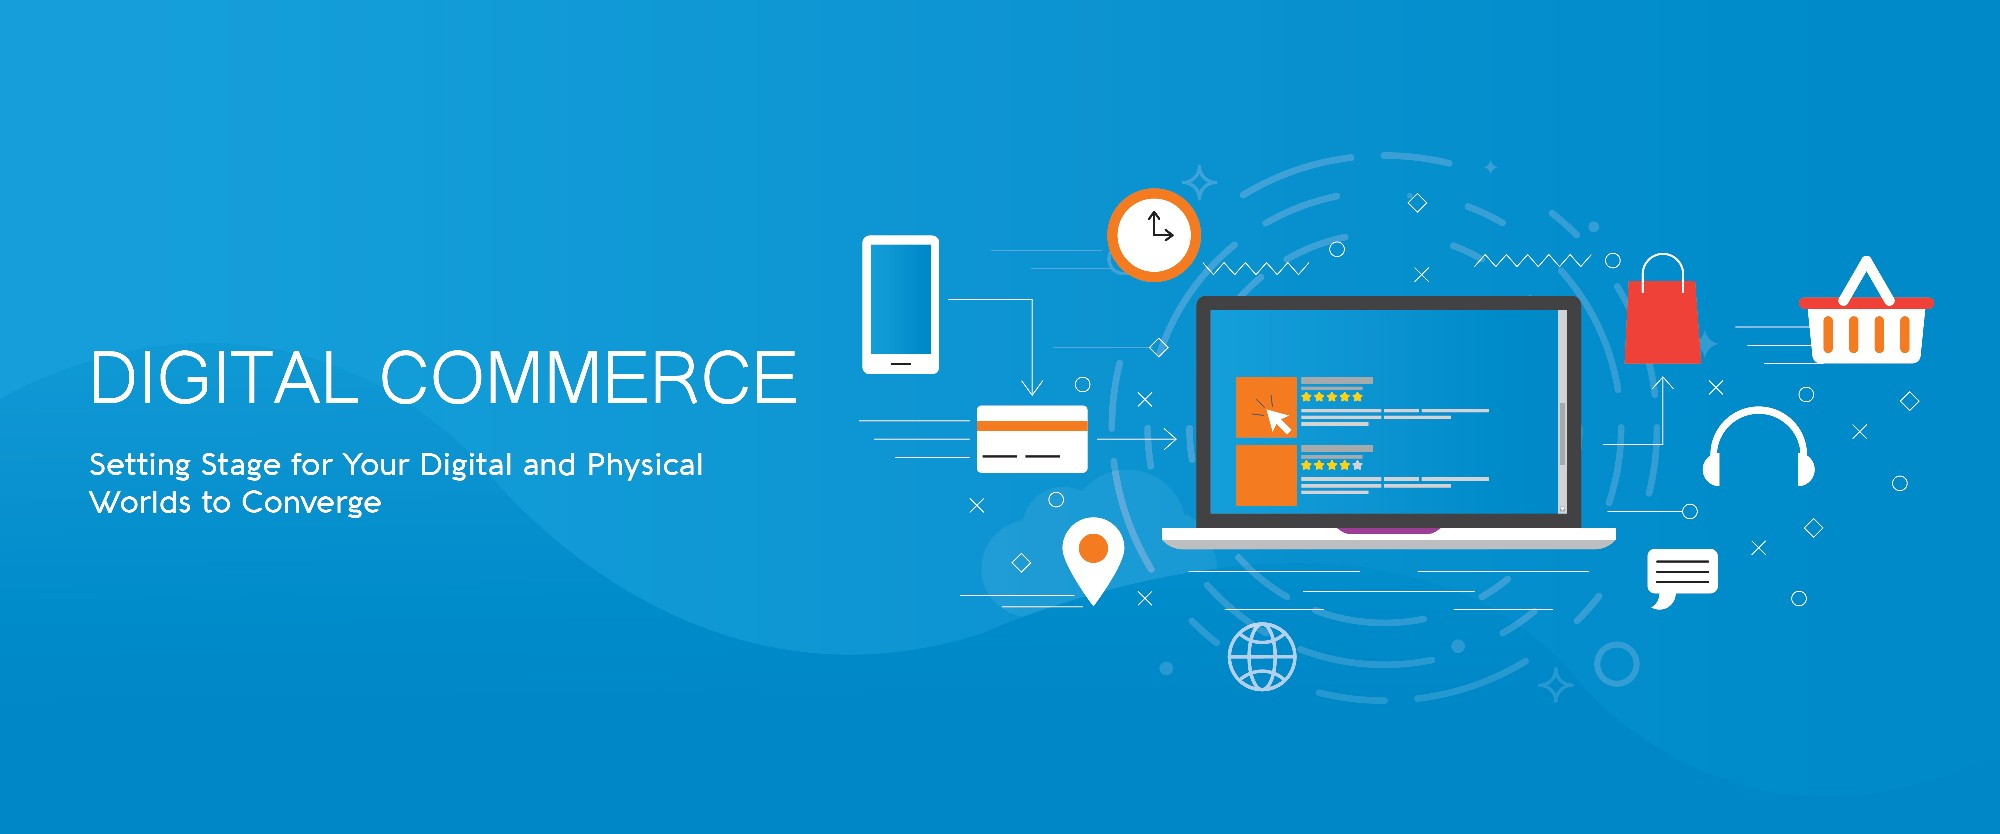 1.Digital Commerce-01